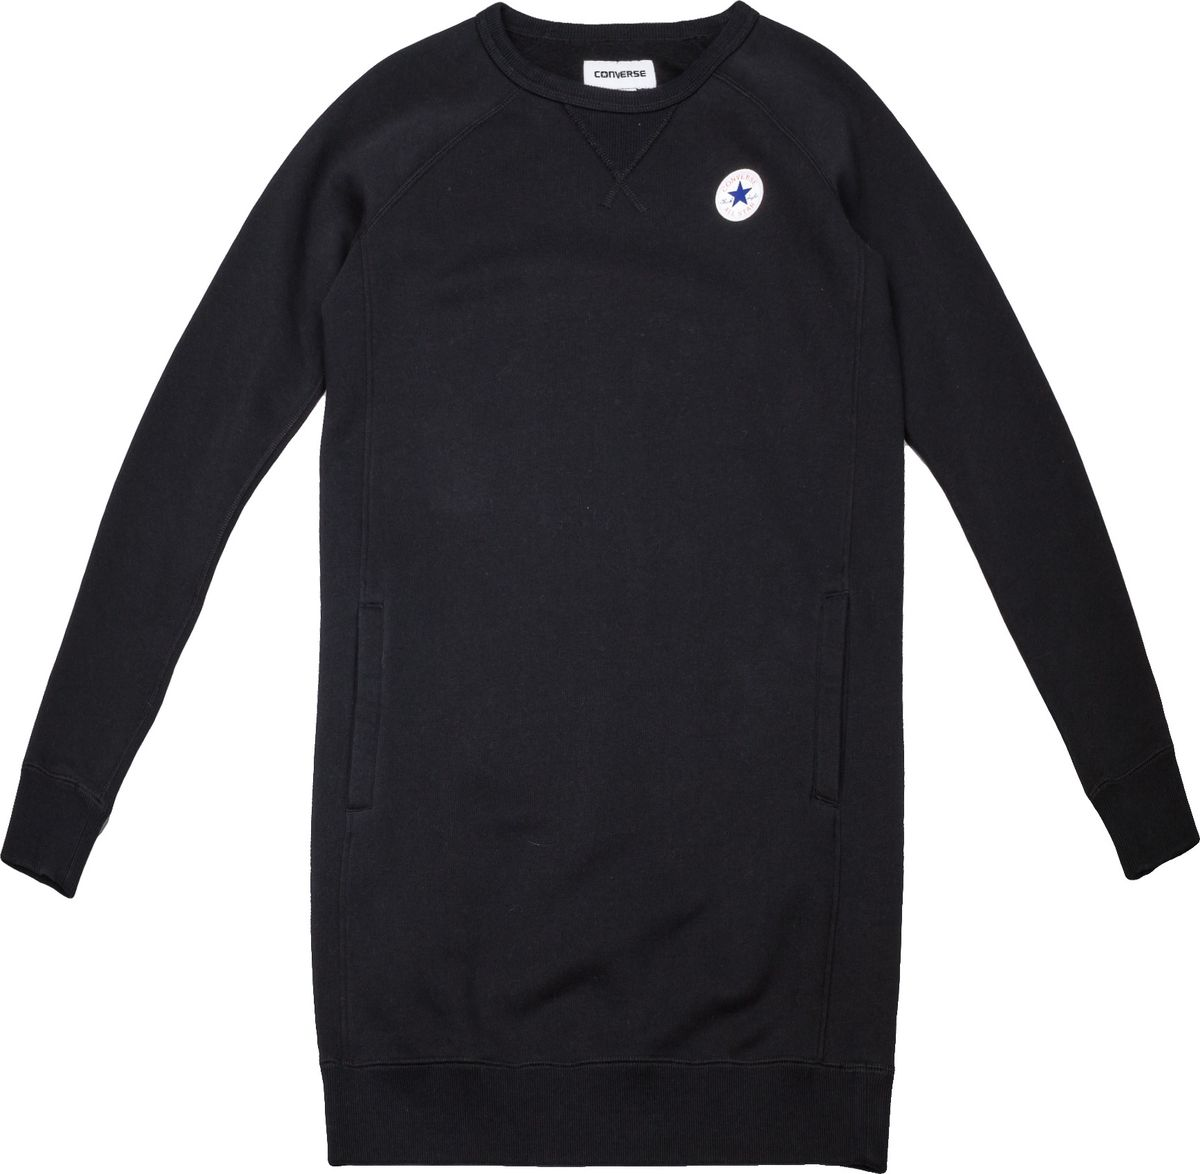 Платье женское Converse Core Sweatshirt Dress, цвет: черный. 10004545001. Размер XL (50)10004545001